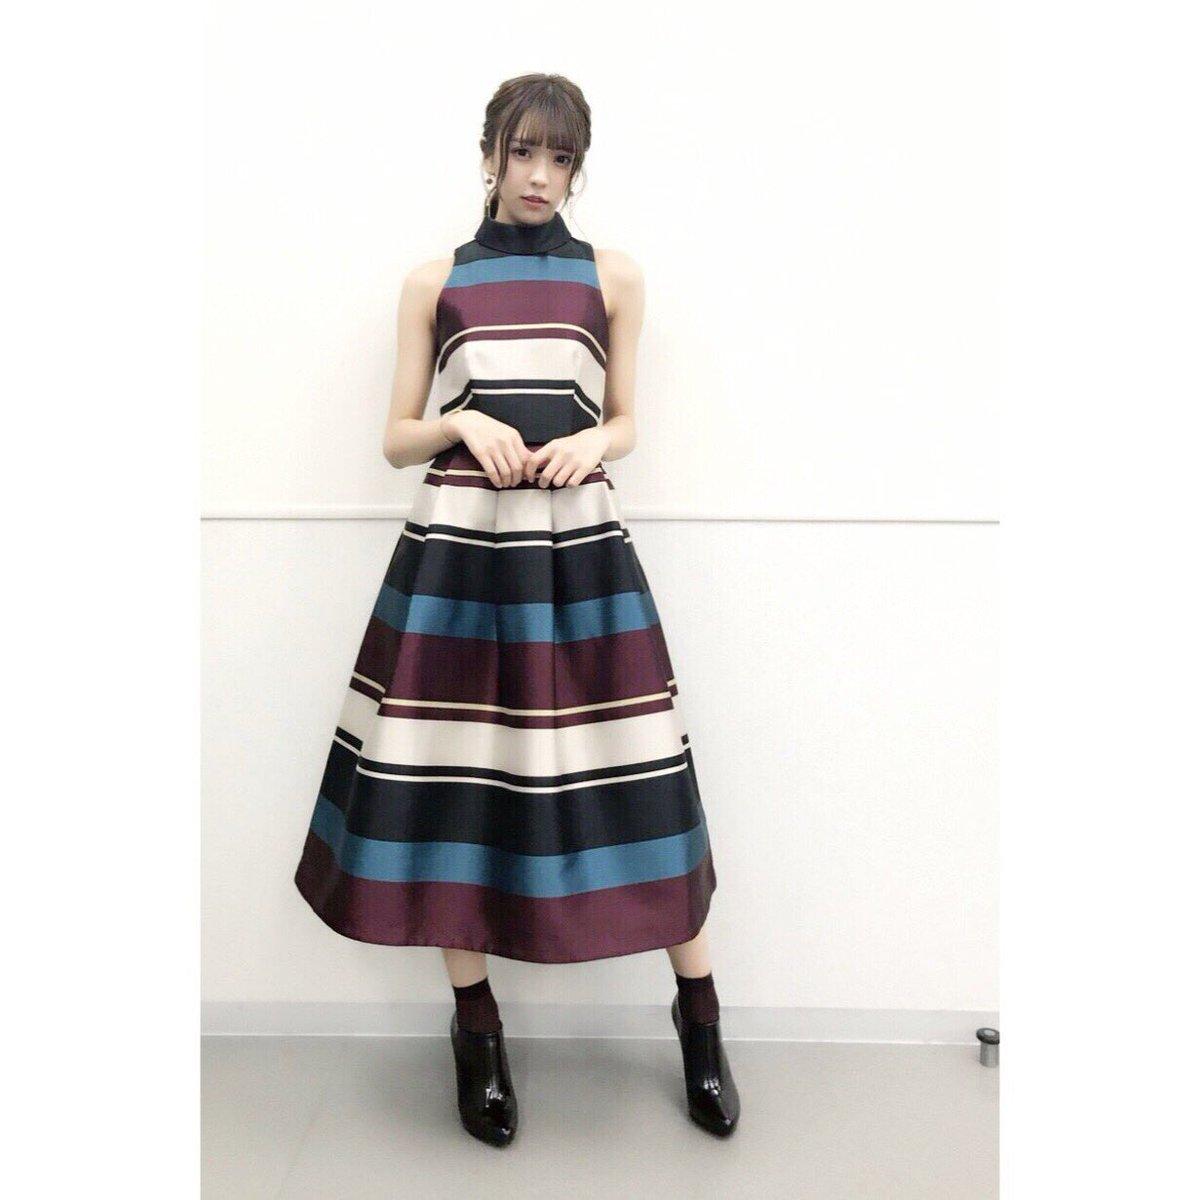 小林由依 (アイドル)の画像 p1_31